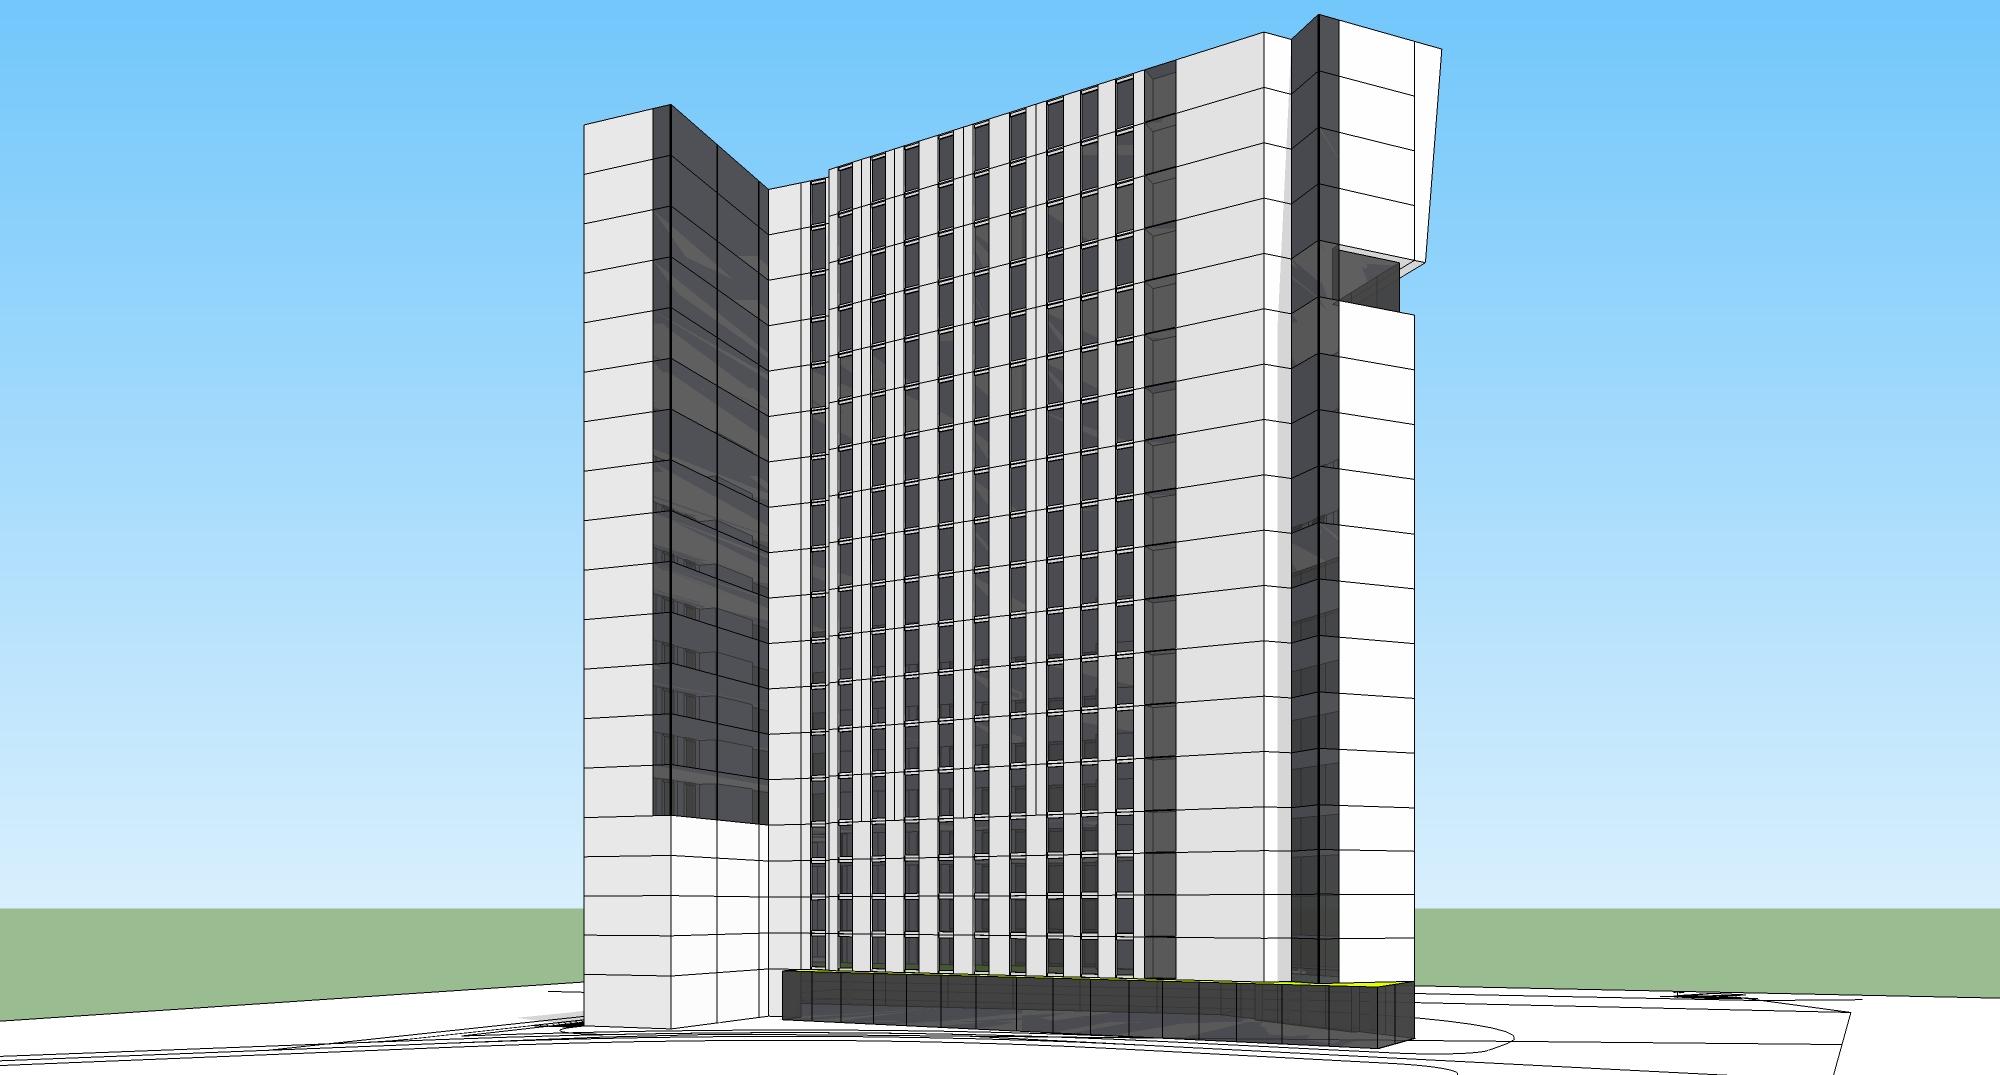 高层办公楼立面设计-投标鉴赏-设计群网